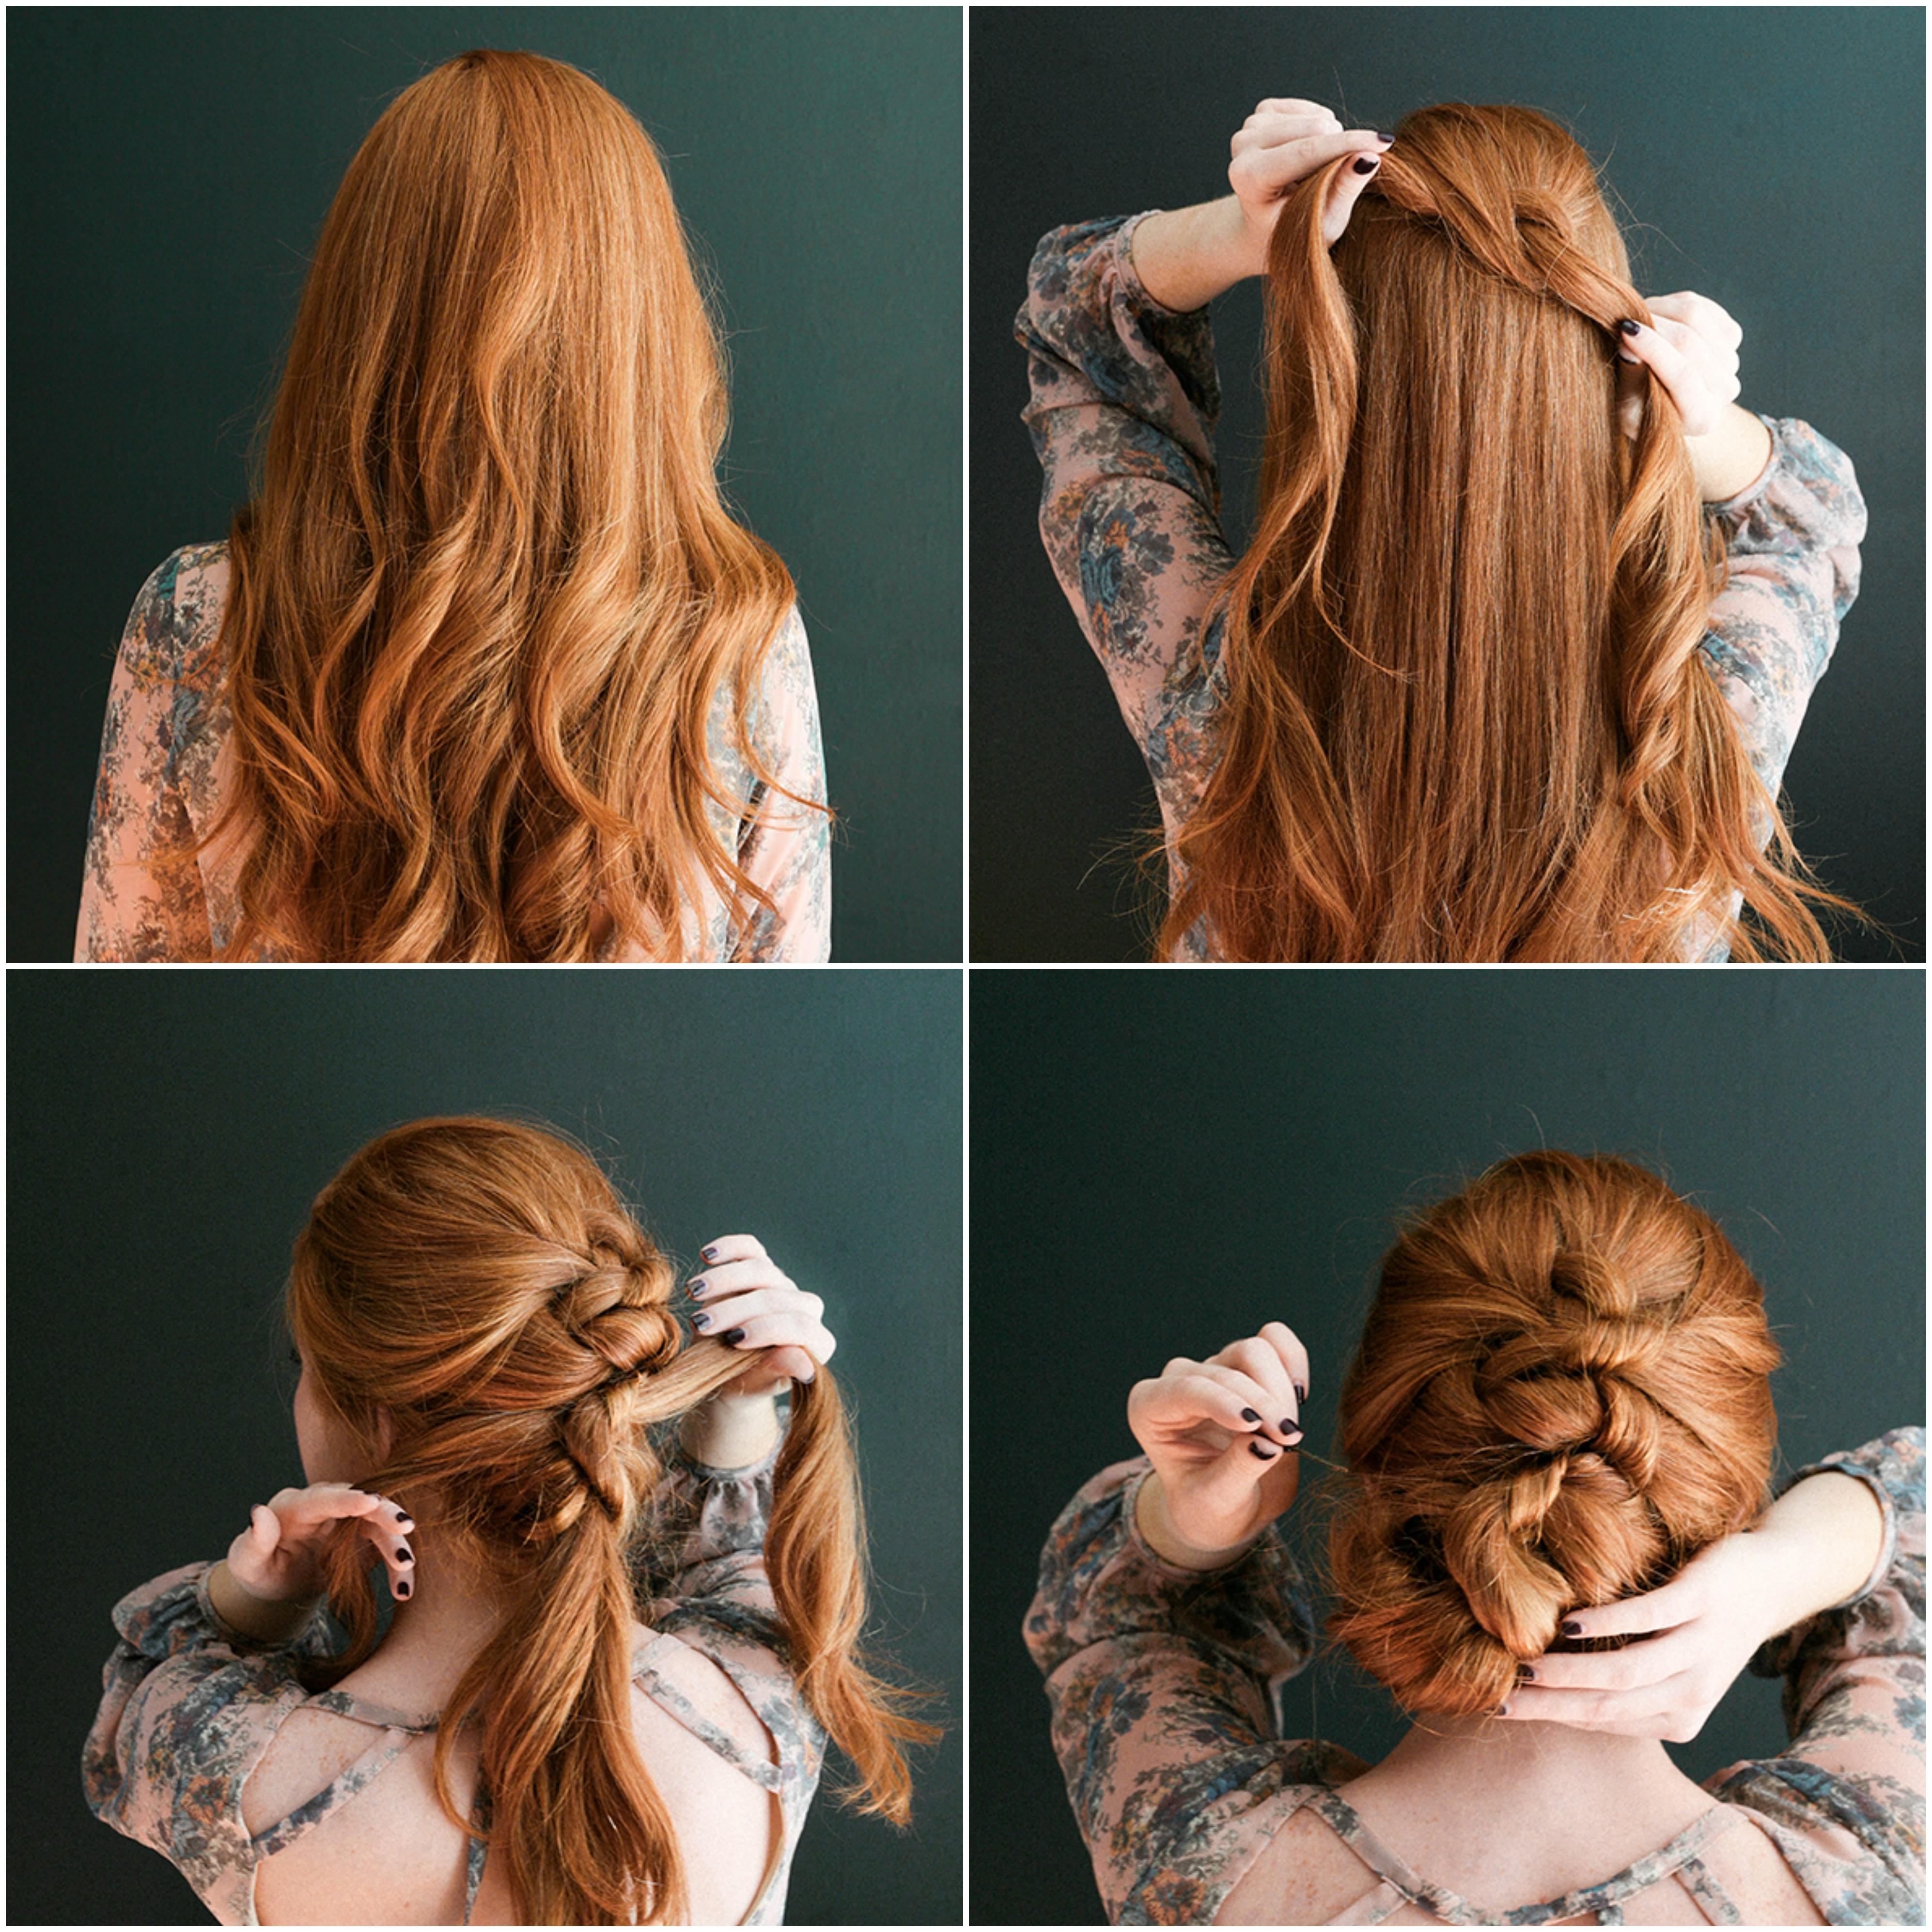 idée comment faire une coiffure tresse, tresse en noeuds, tutor pour réaliser une coiffure noel simple, cheveux longs